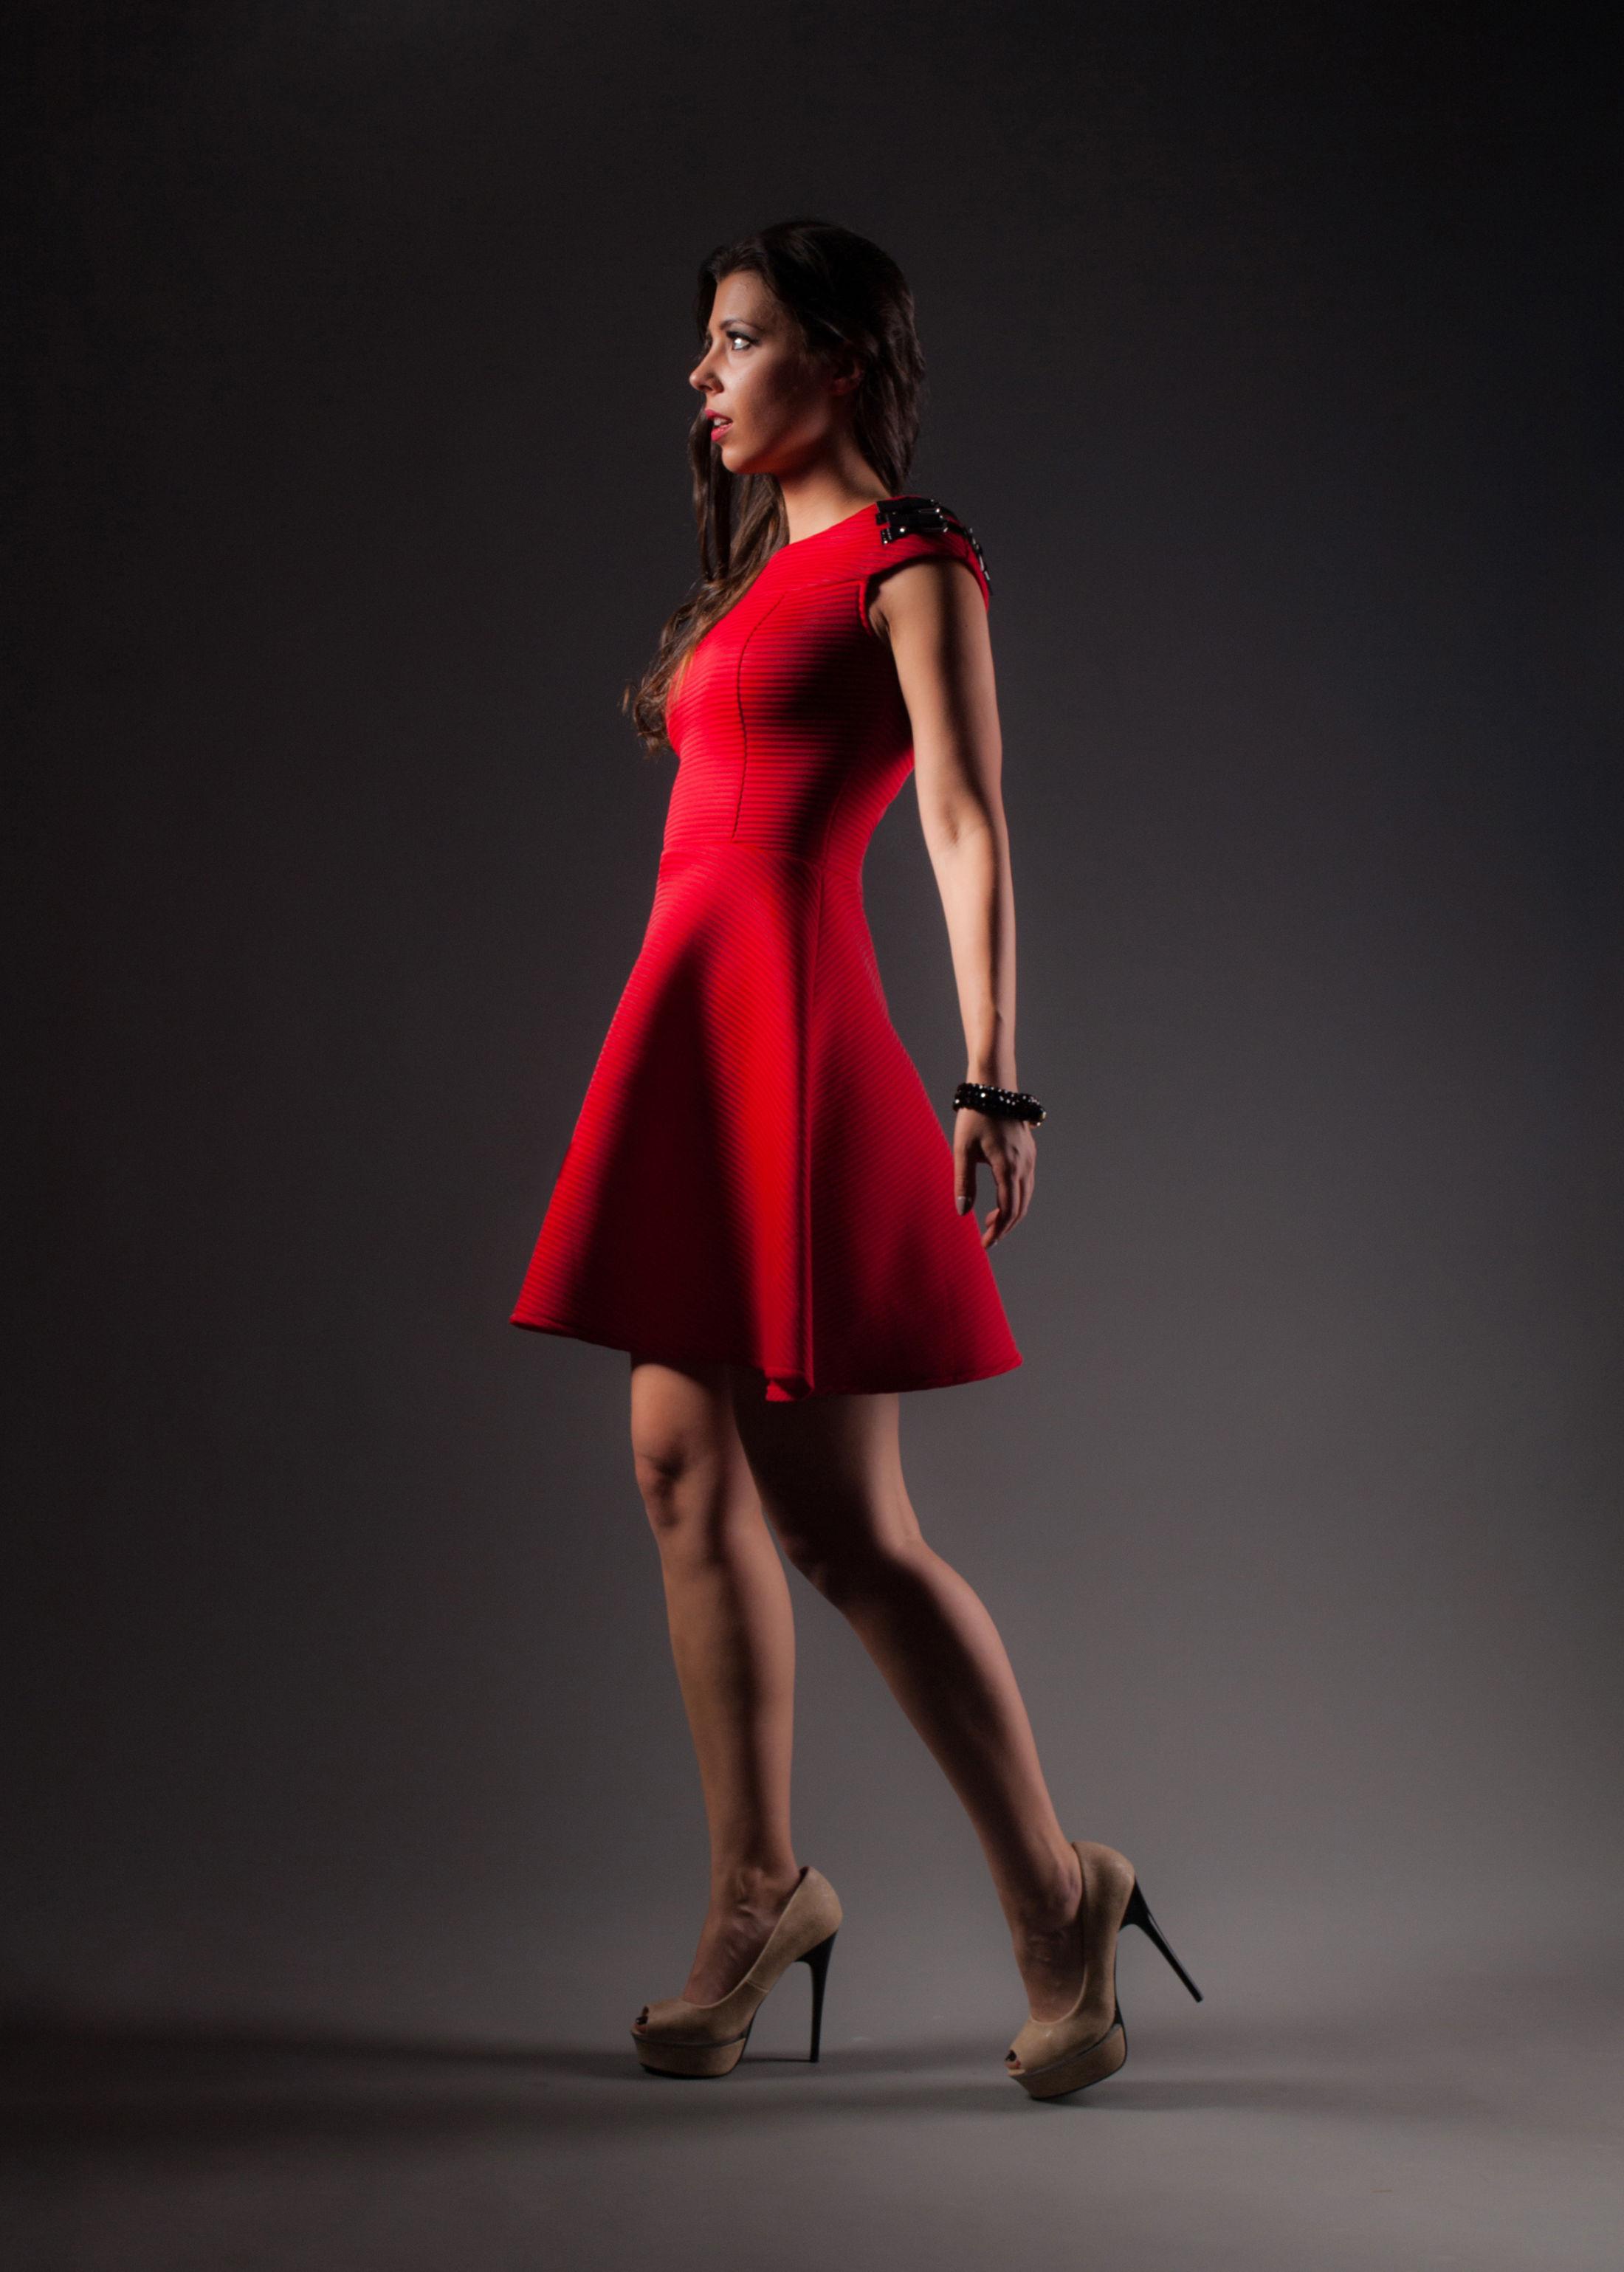 Kasia, Modefotografie, Happix